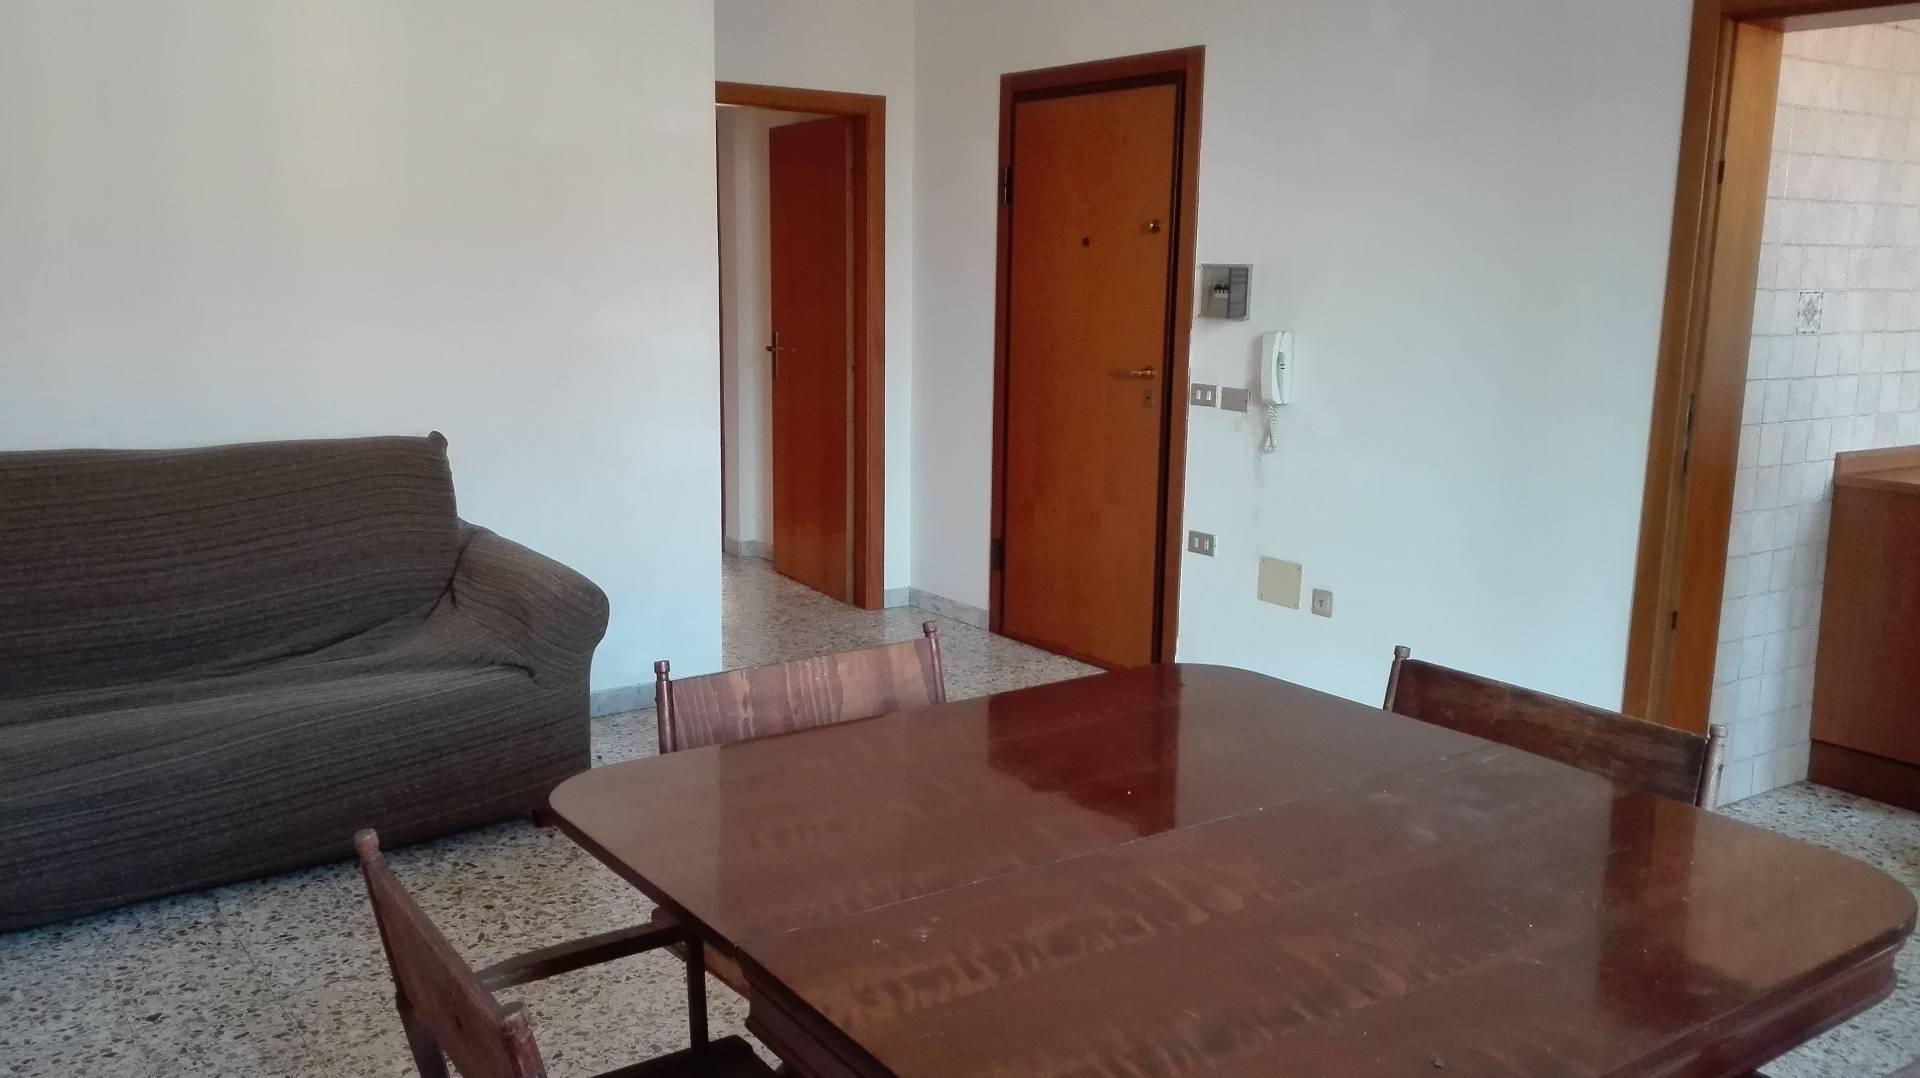 Appartamento in affitto a Bagnacavallo, 3 locali, prezzo € 420 | Cambio Casa.it